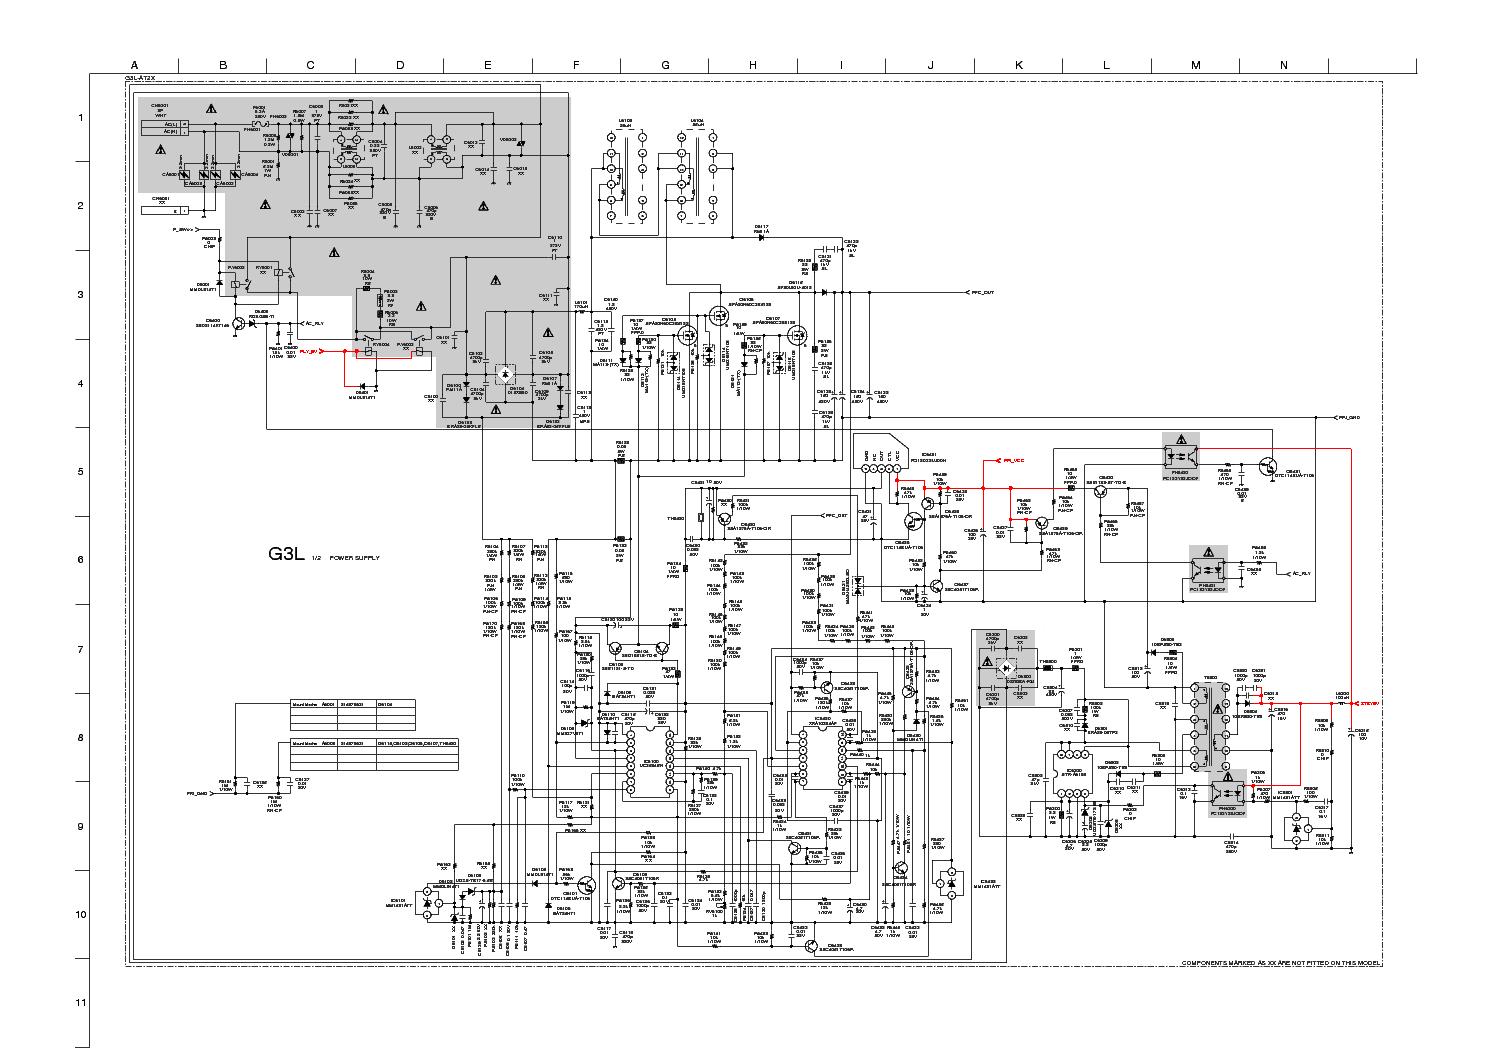 Sony G3l 1 863 575 12 Uc3845b Xra10324a Cxd9841m Sch